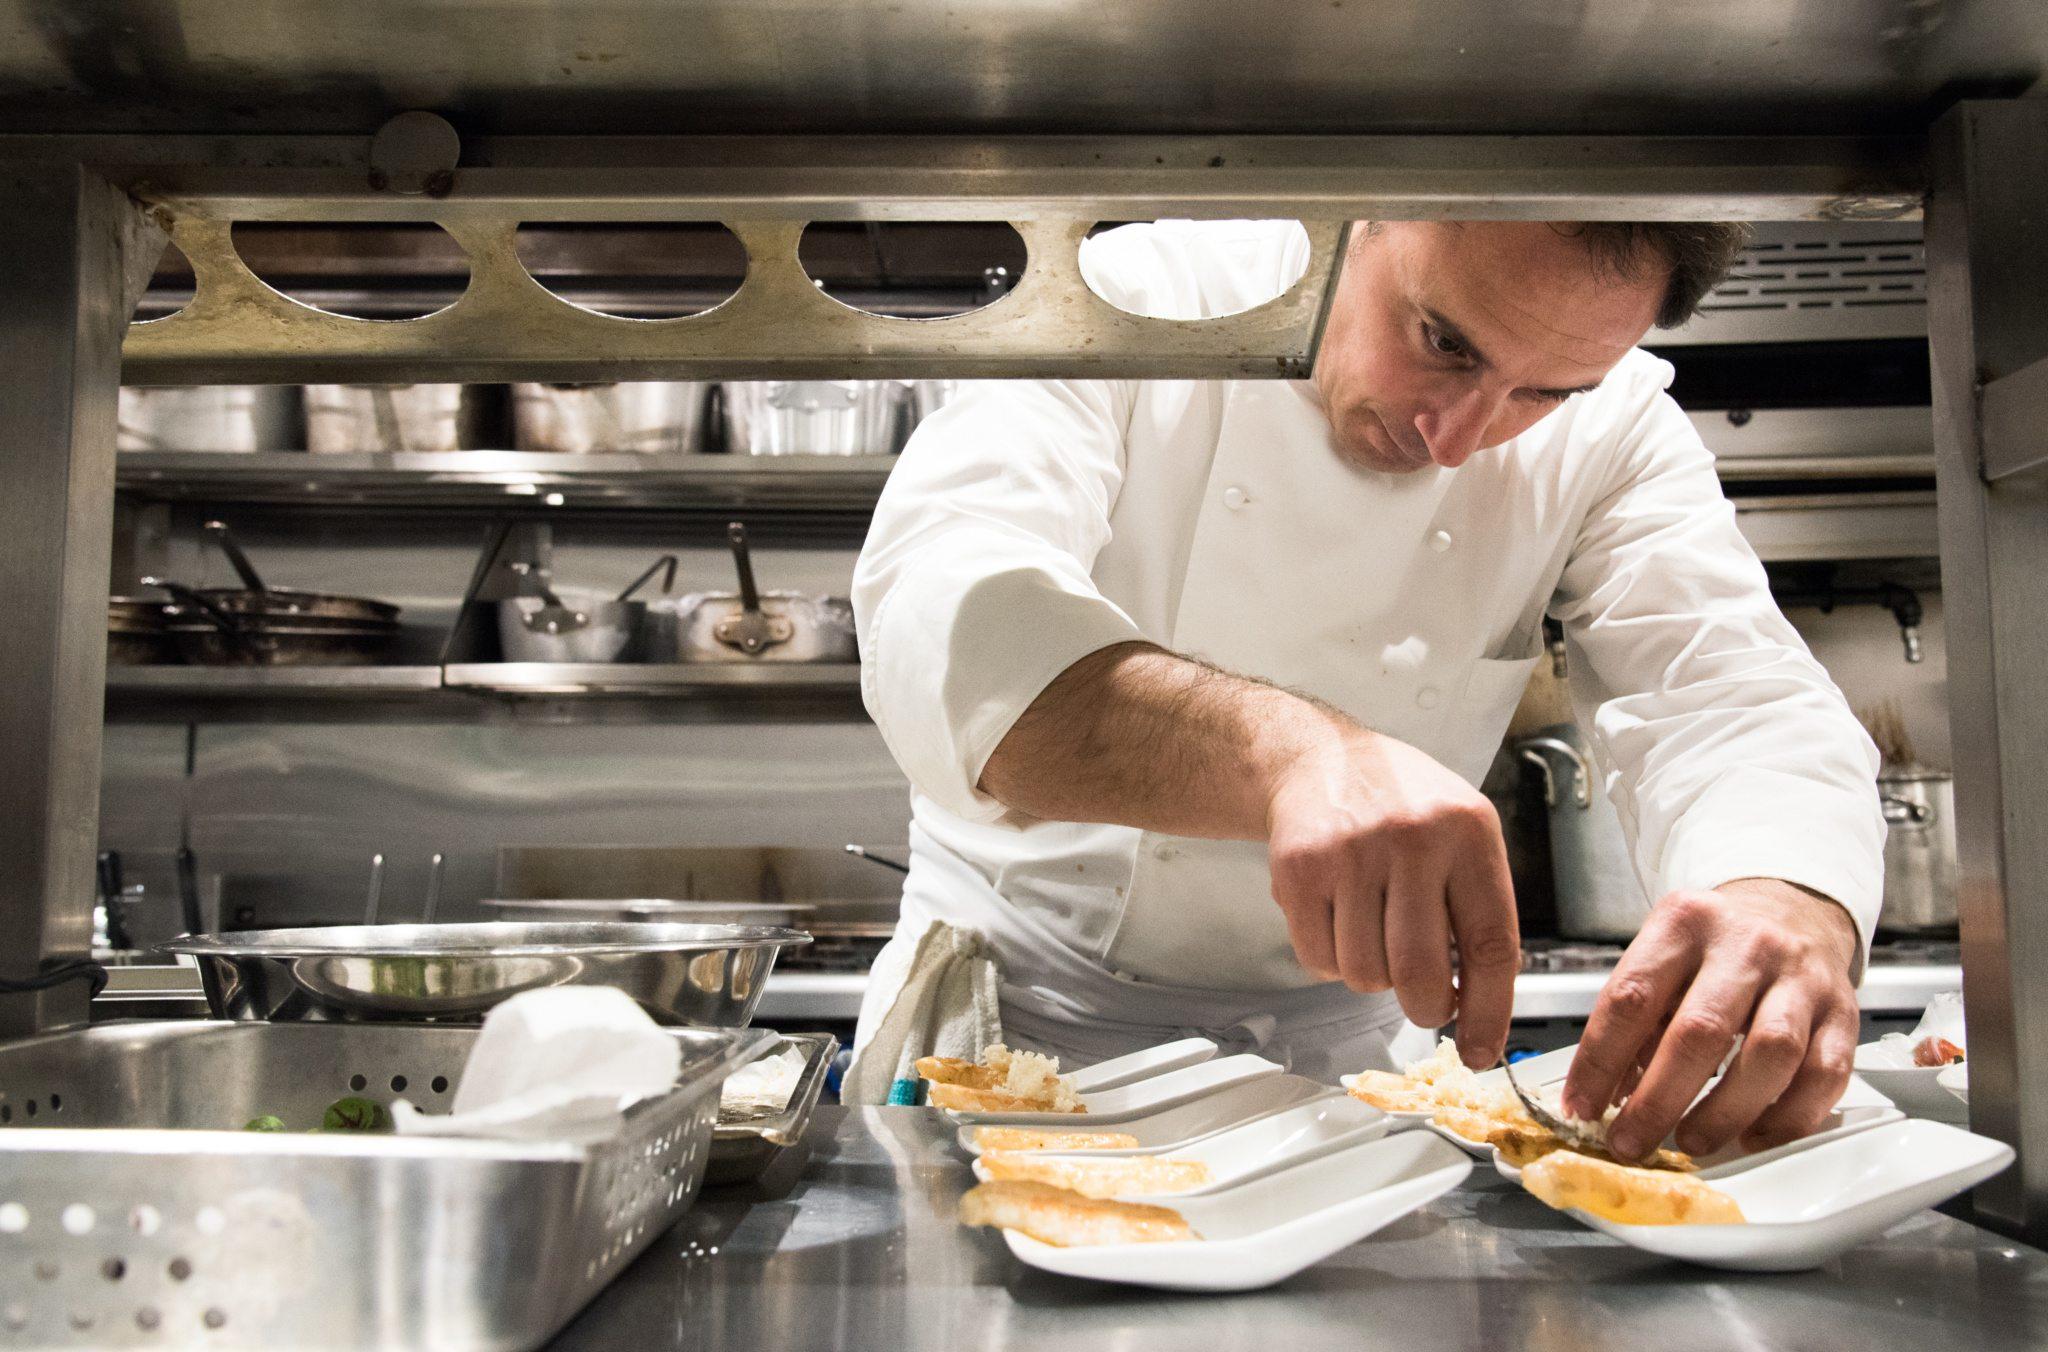 toronto-restaurants-events-sotto-sotto-italian-nino-di-costanzo-chef-plating